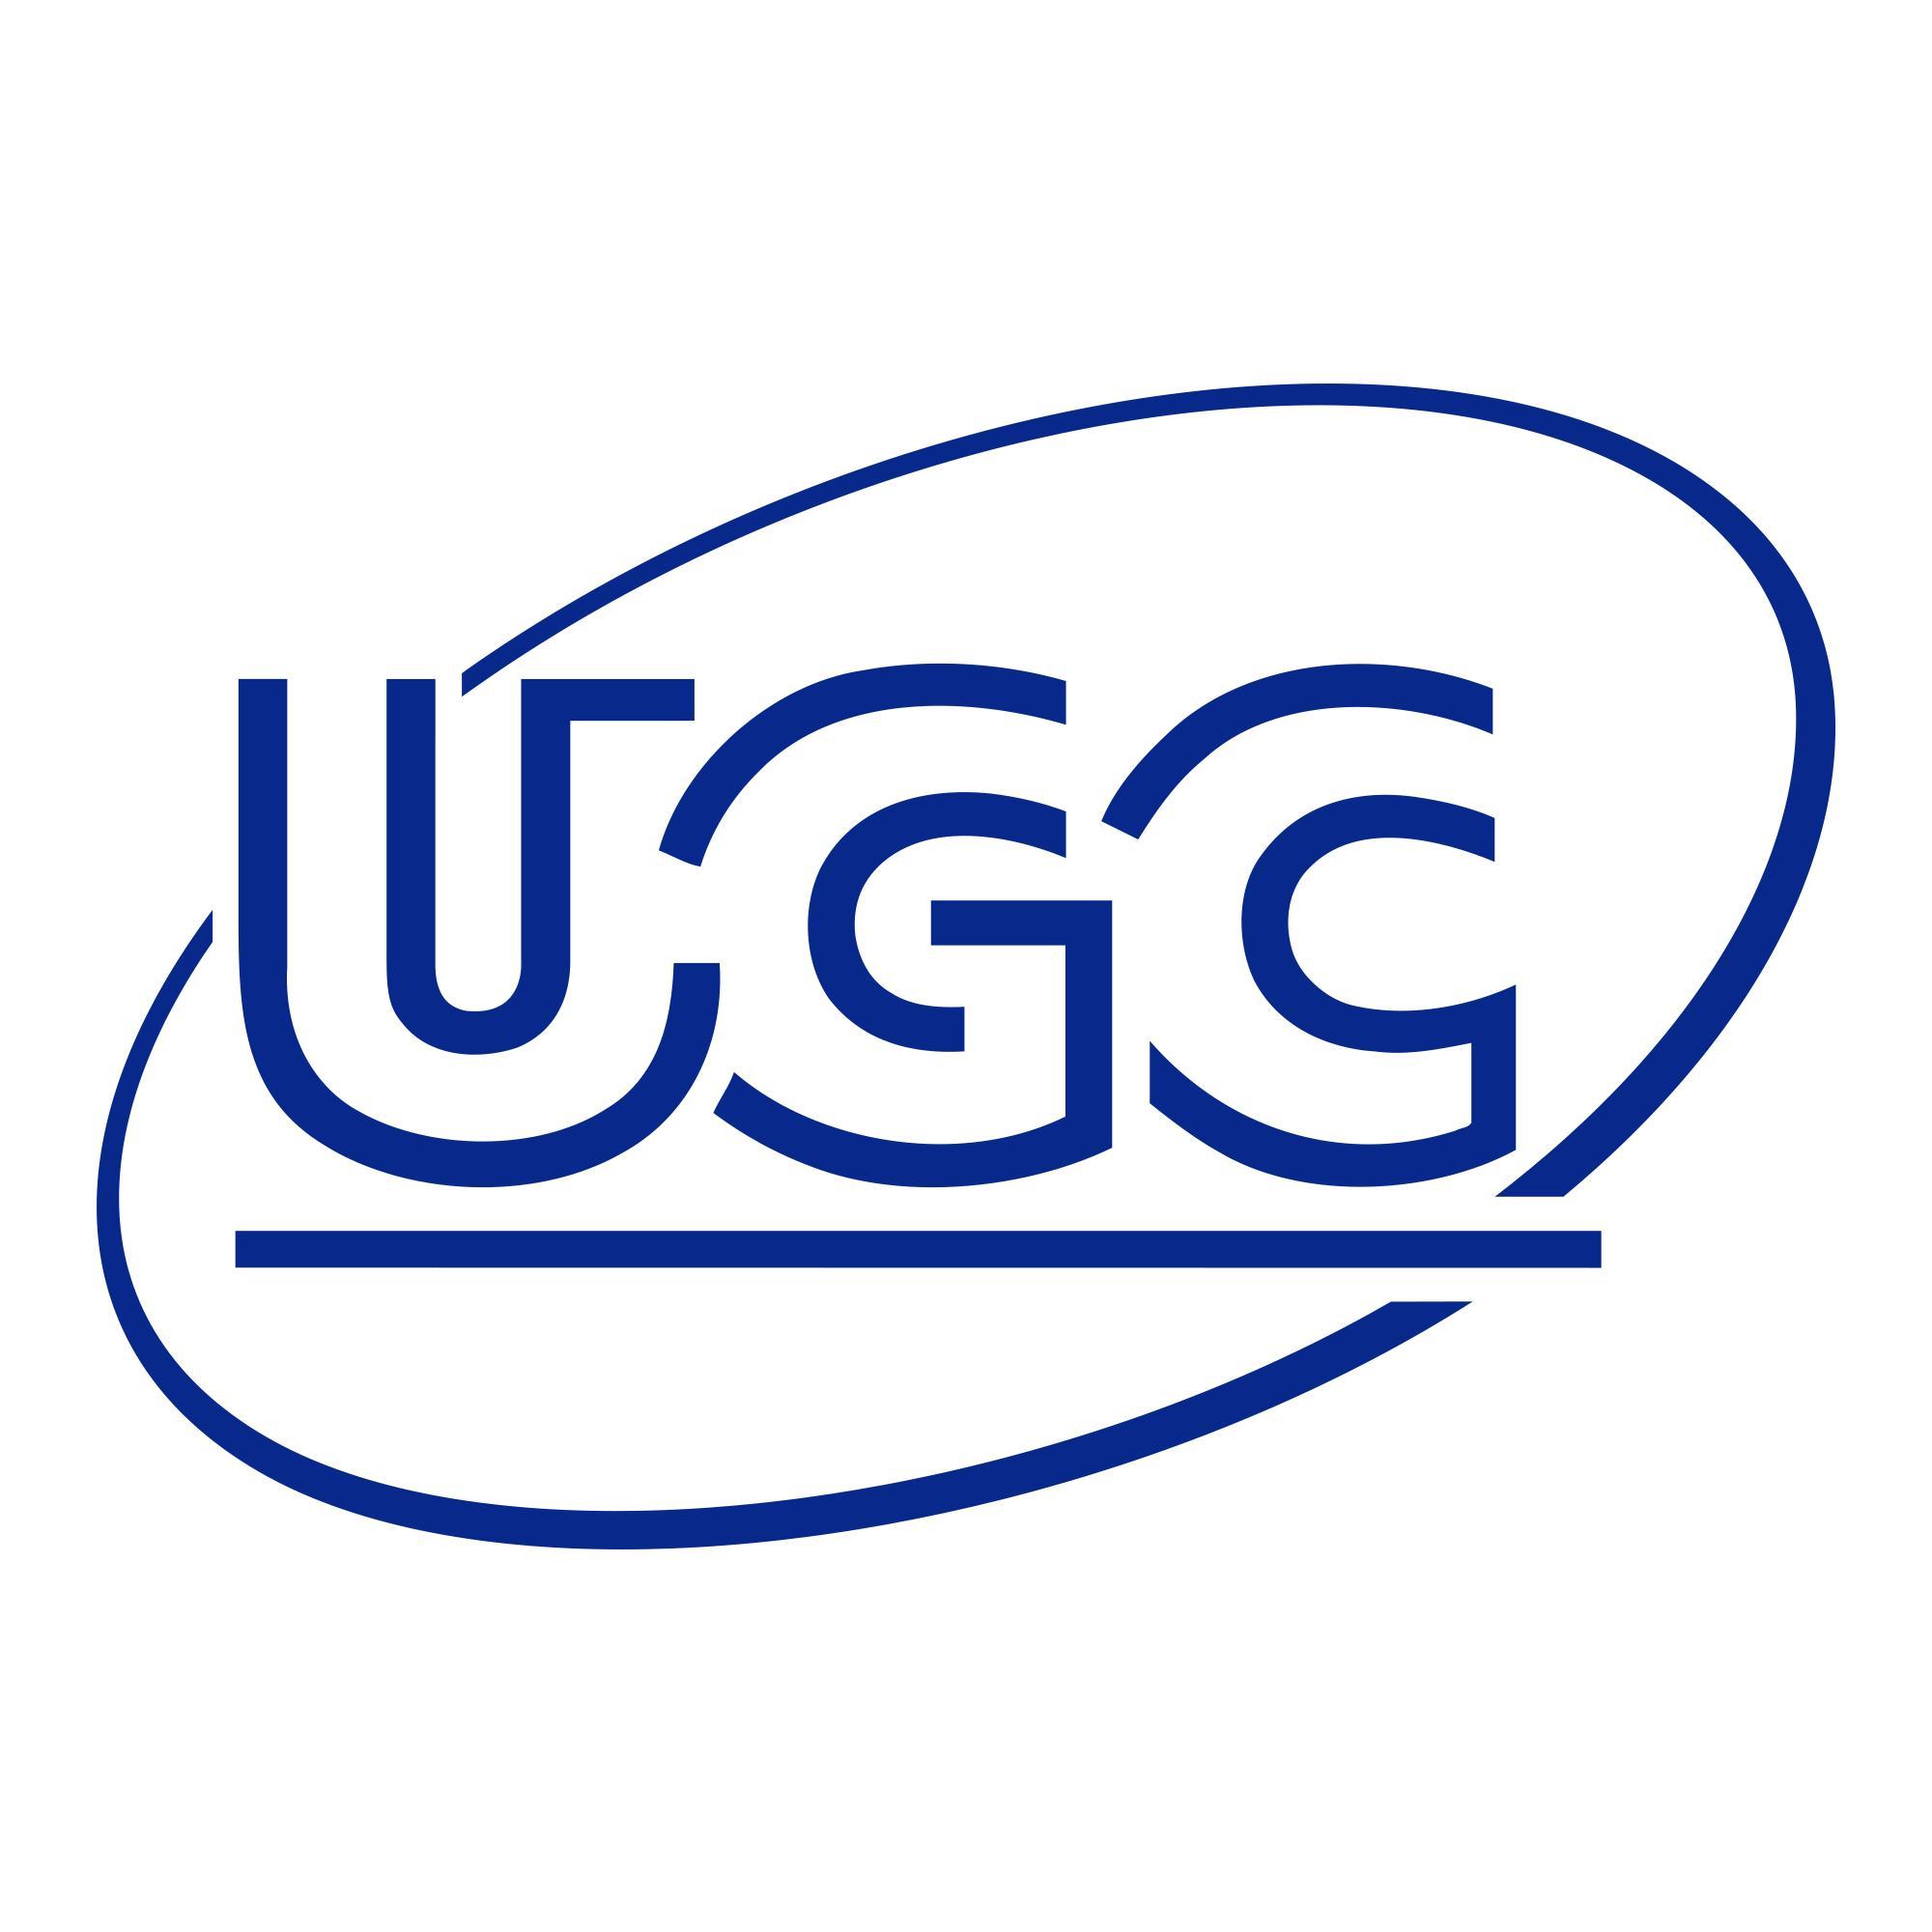 Frais de dossier pour la souscription à la carte UGC illimitée